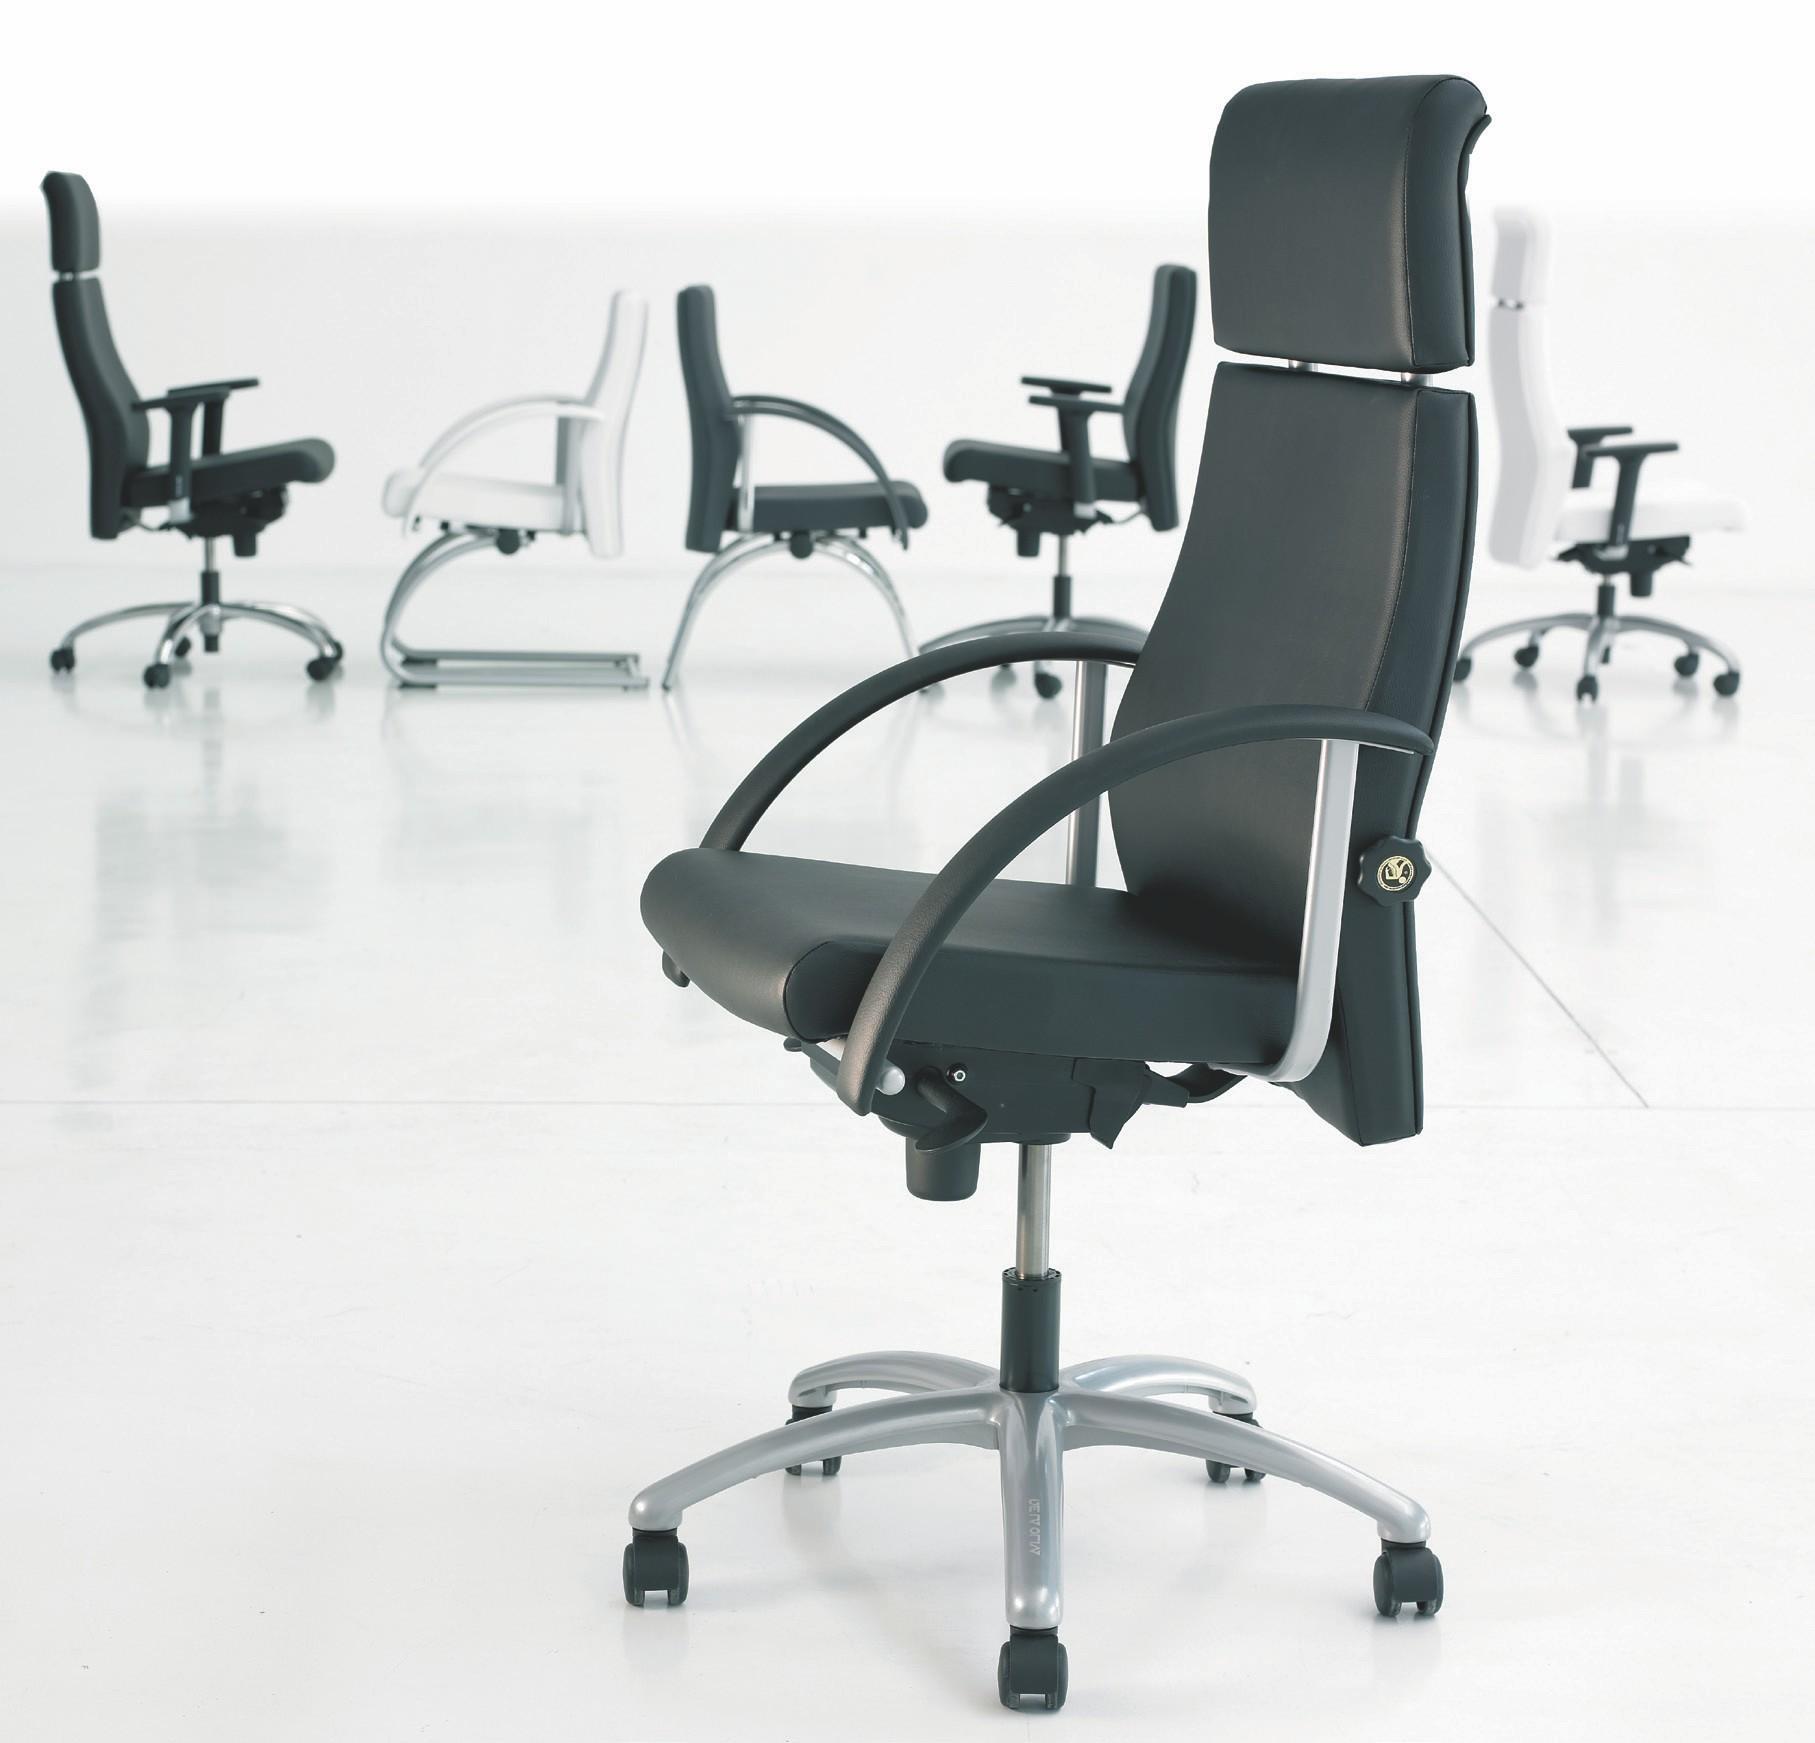 C mo elegir una silla para la oficina - Una silla para ...